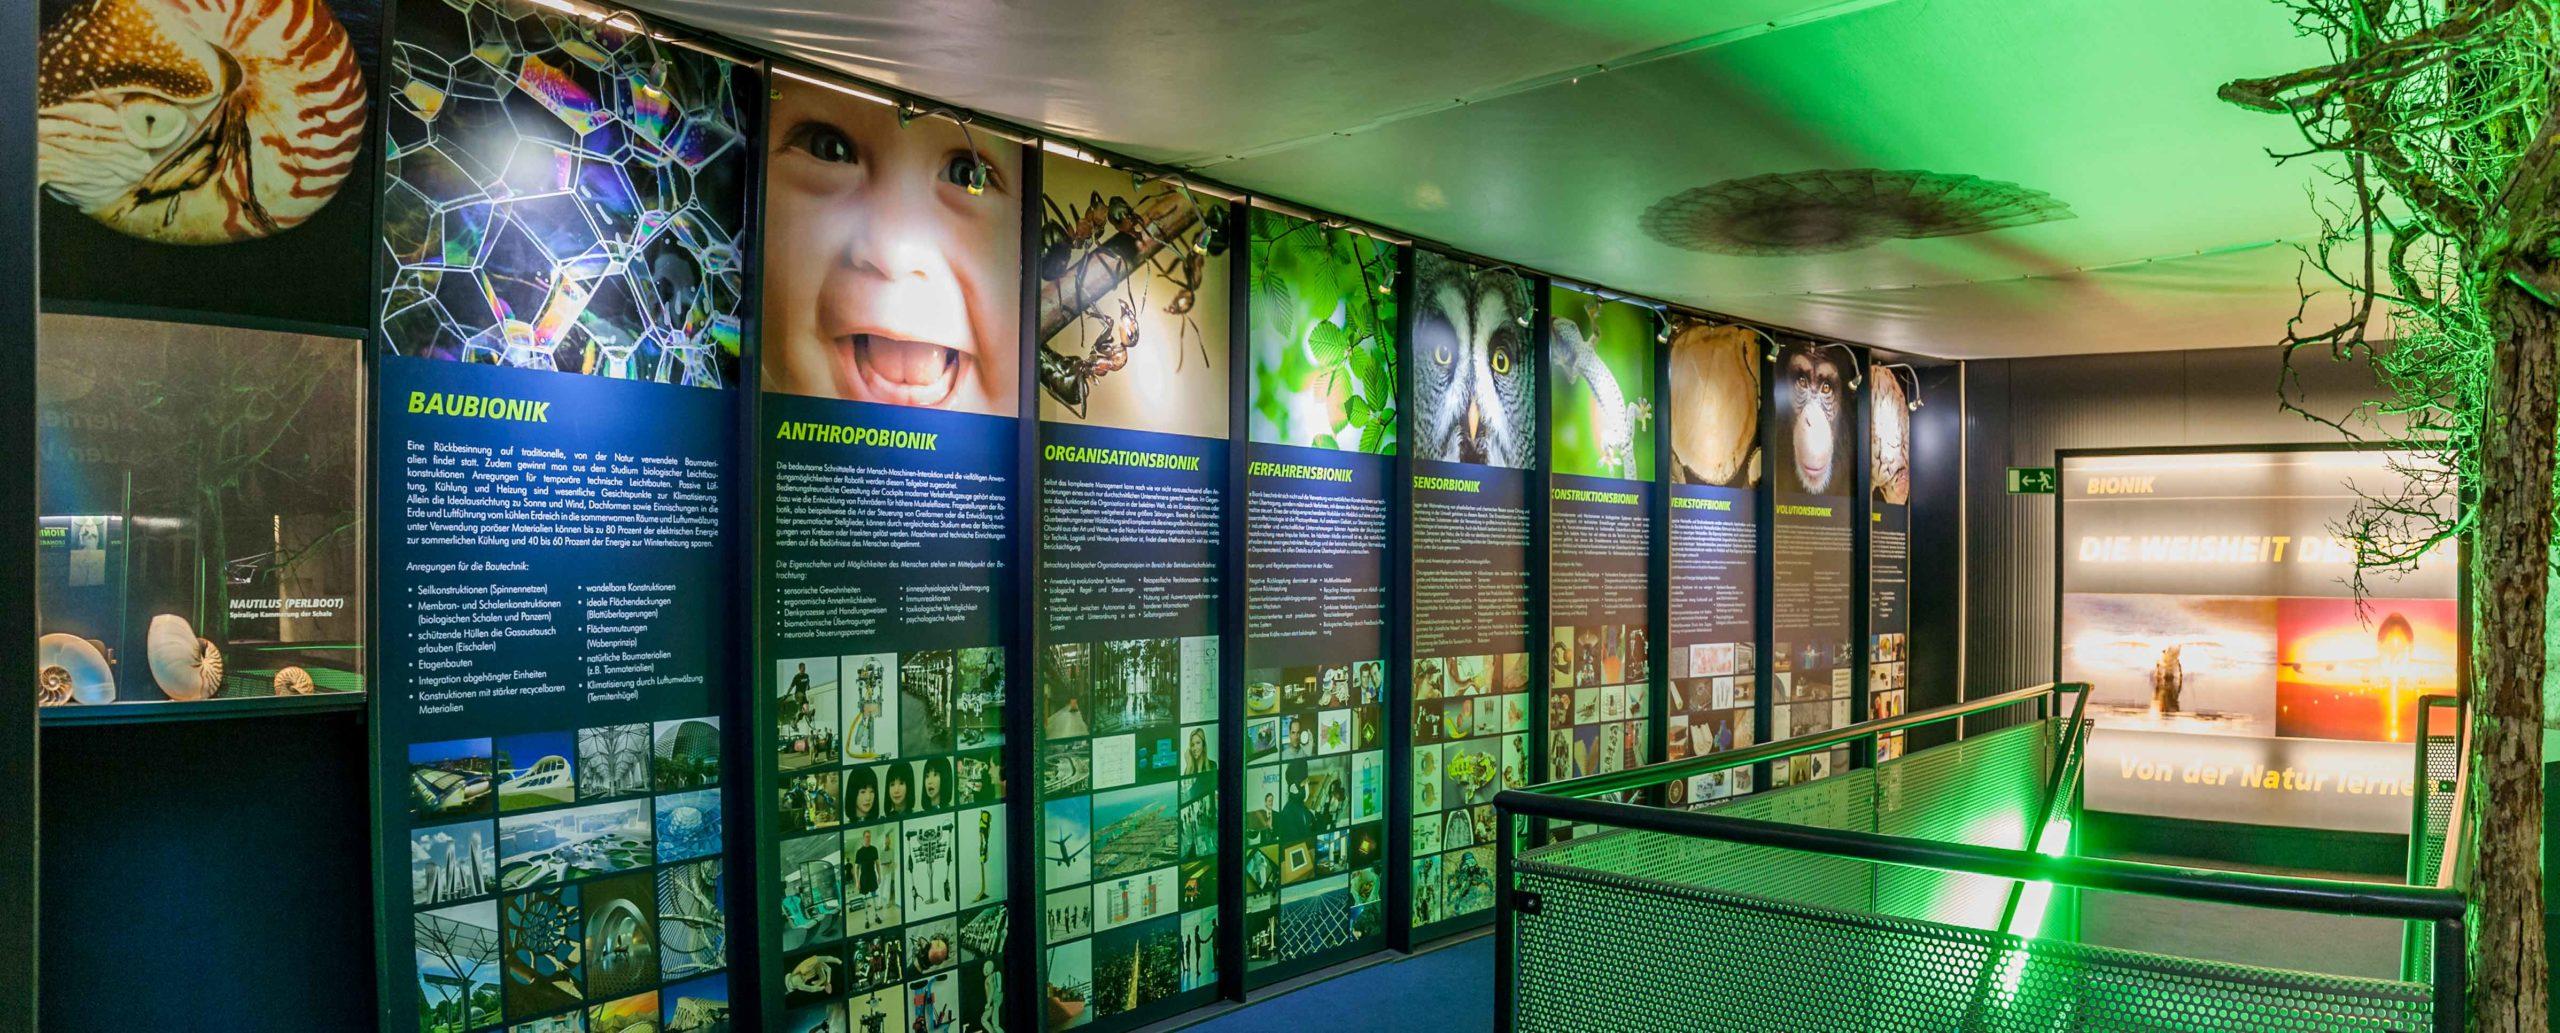 Bionik Ausstellung Übersicht der Bereiche